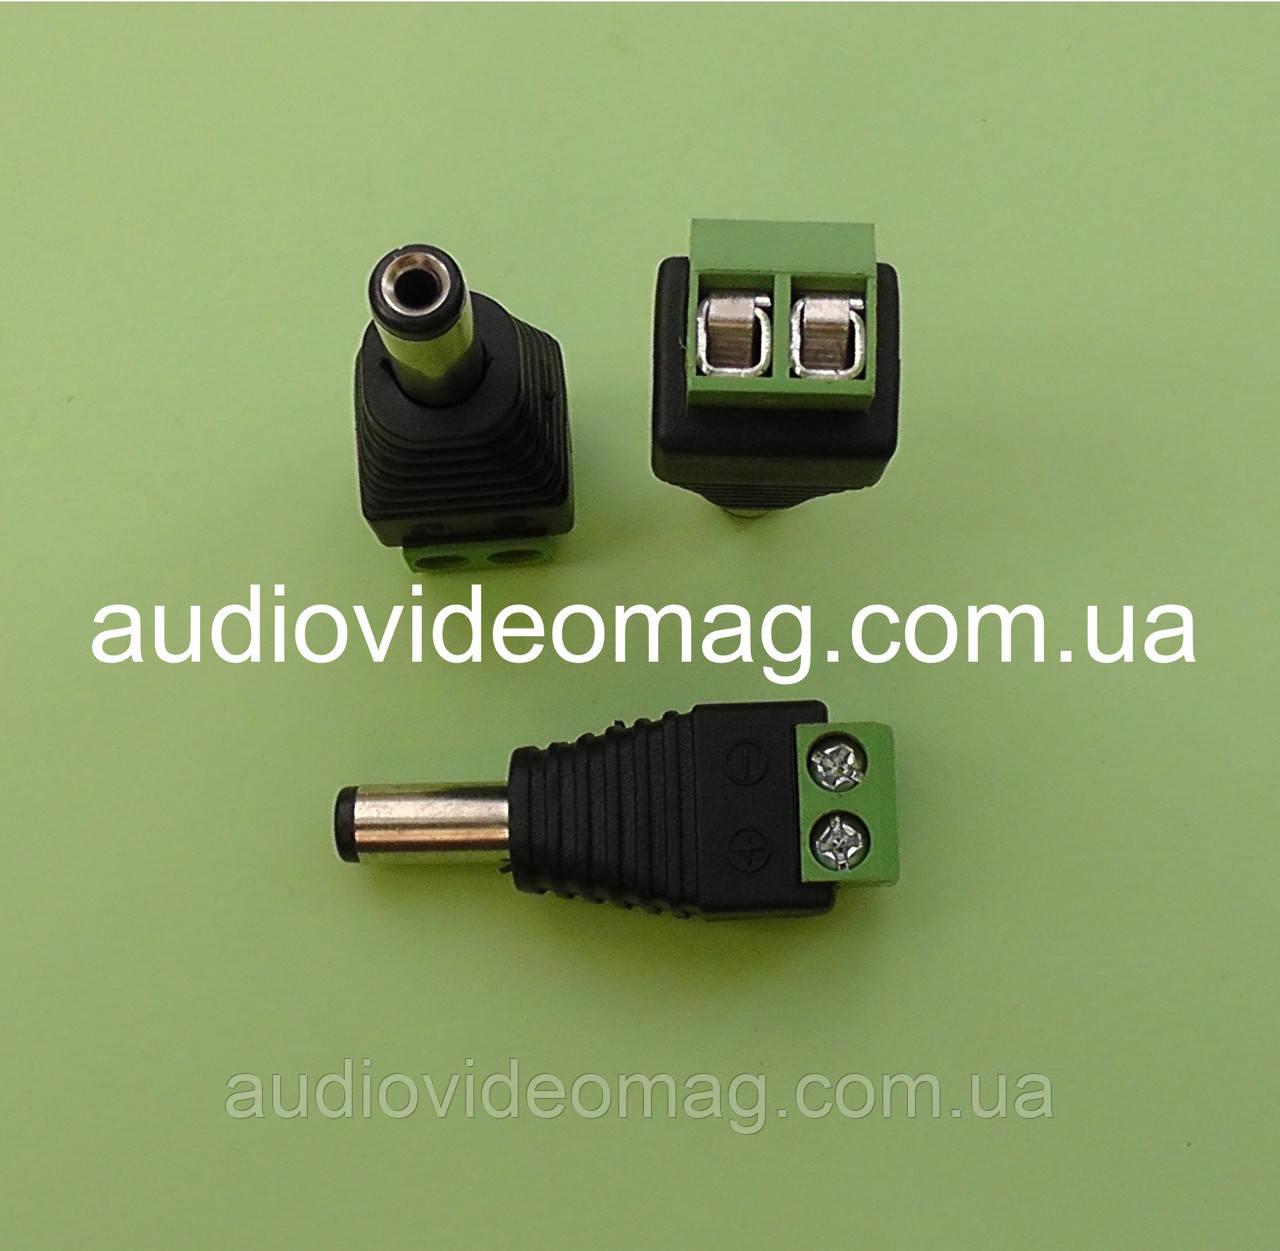 Штекер живлення 5.5-2.1 на кабель, з клемної колодкою